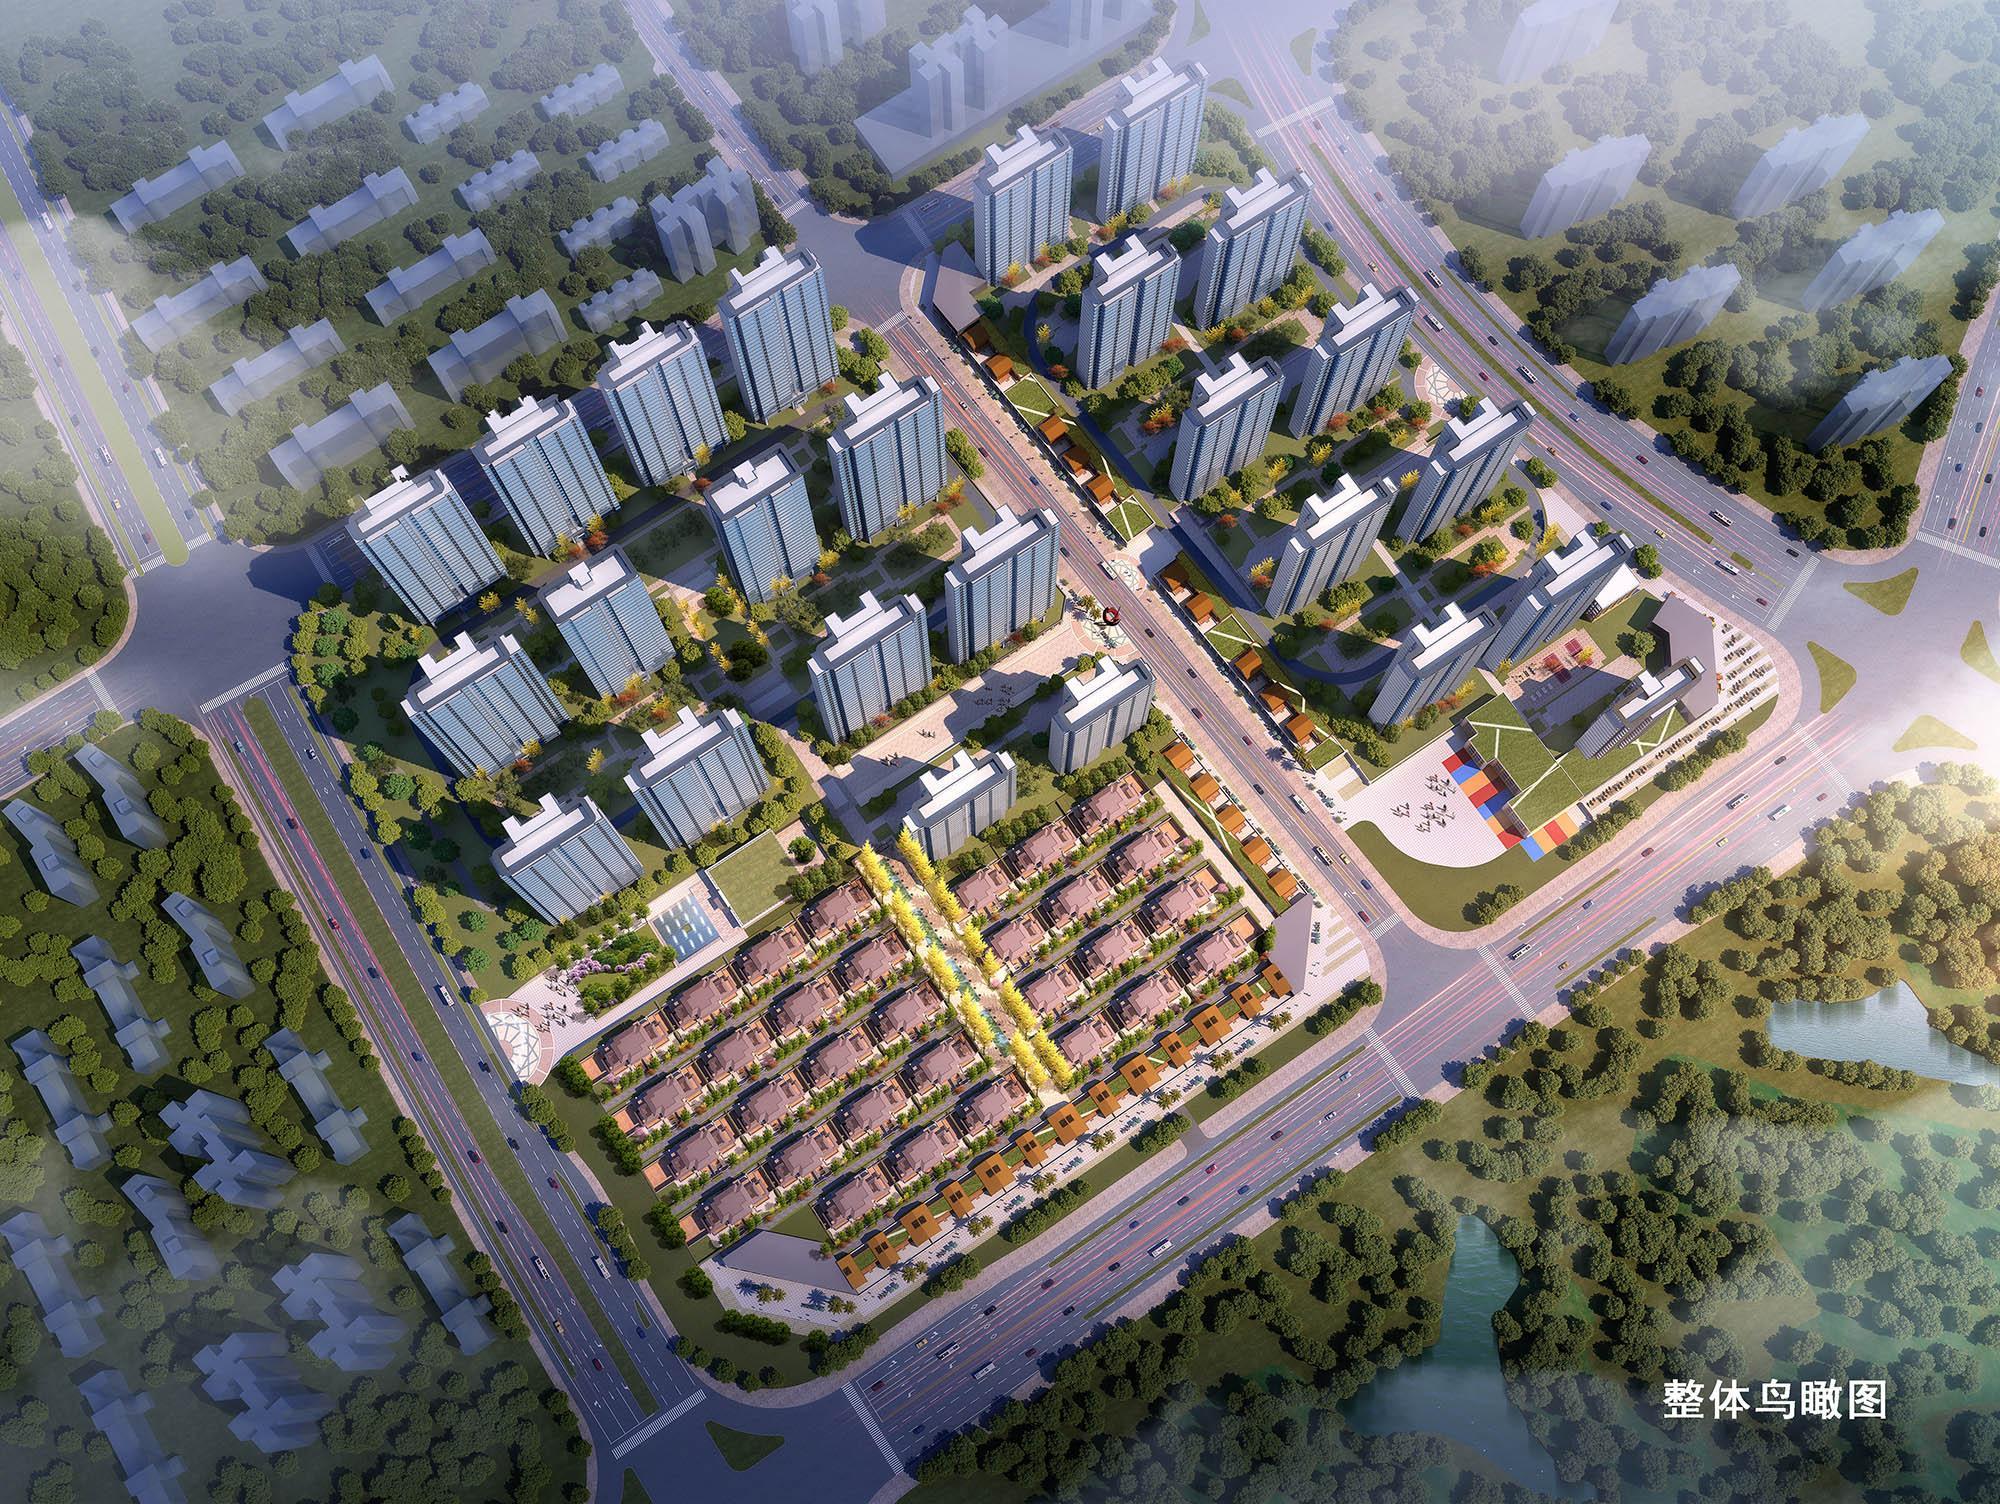 萍乡楼市新房天润·海棠湾楼盘周边配套成熟吗?是否宜居?